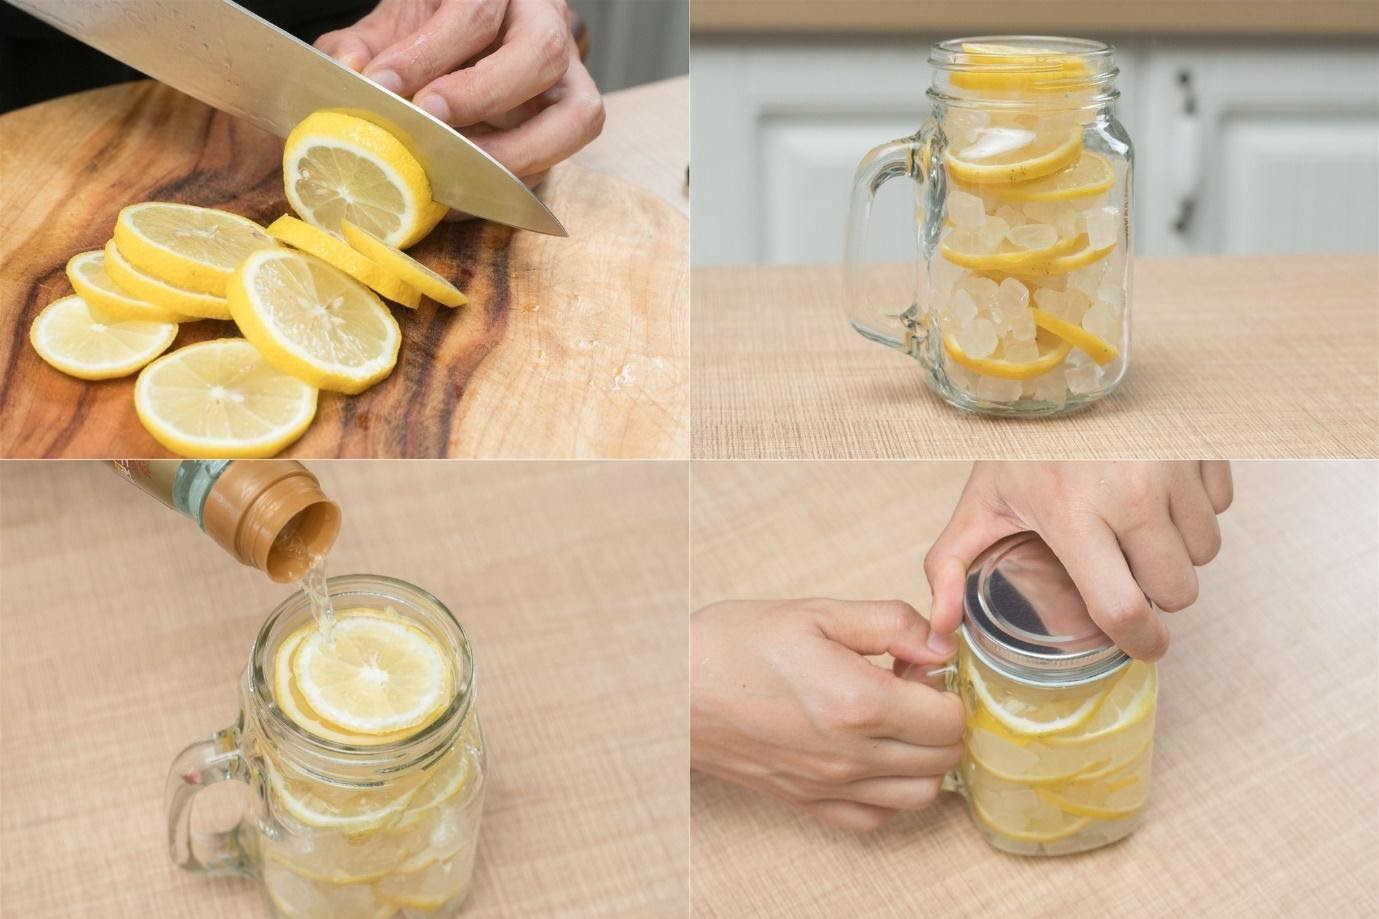 cách làm giấm hoa quả an toàn tại nhà